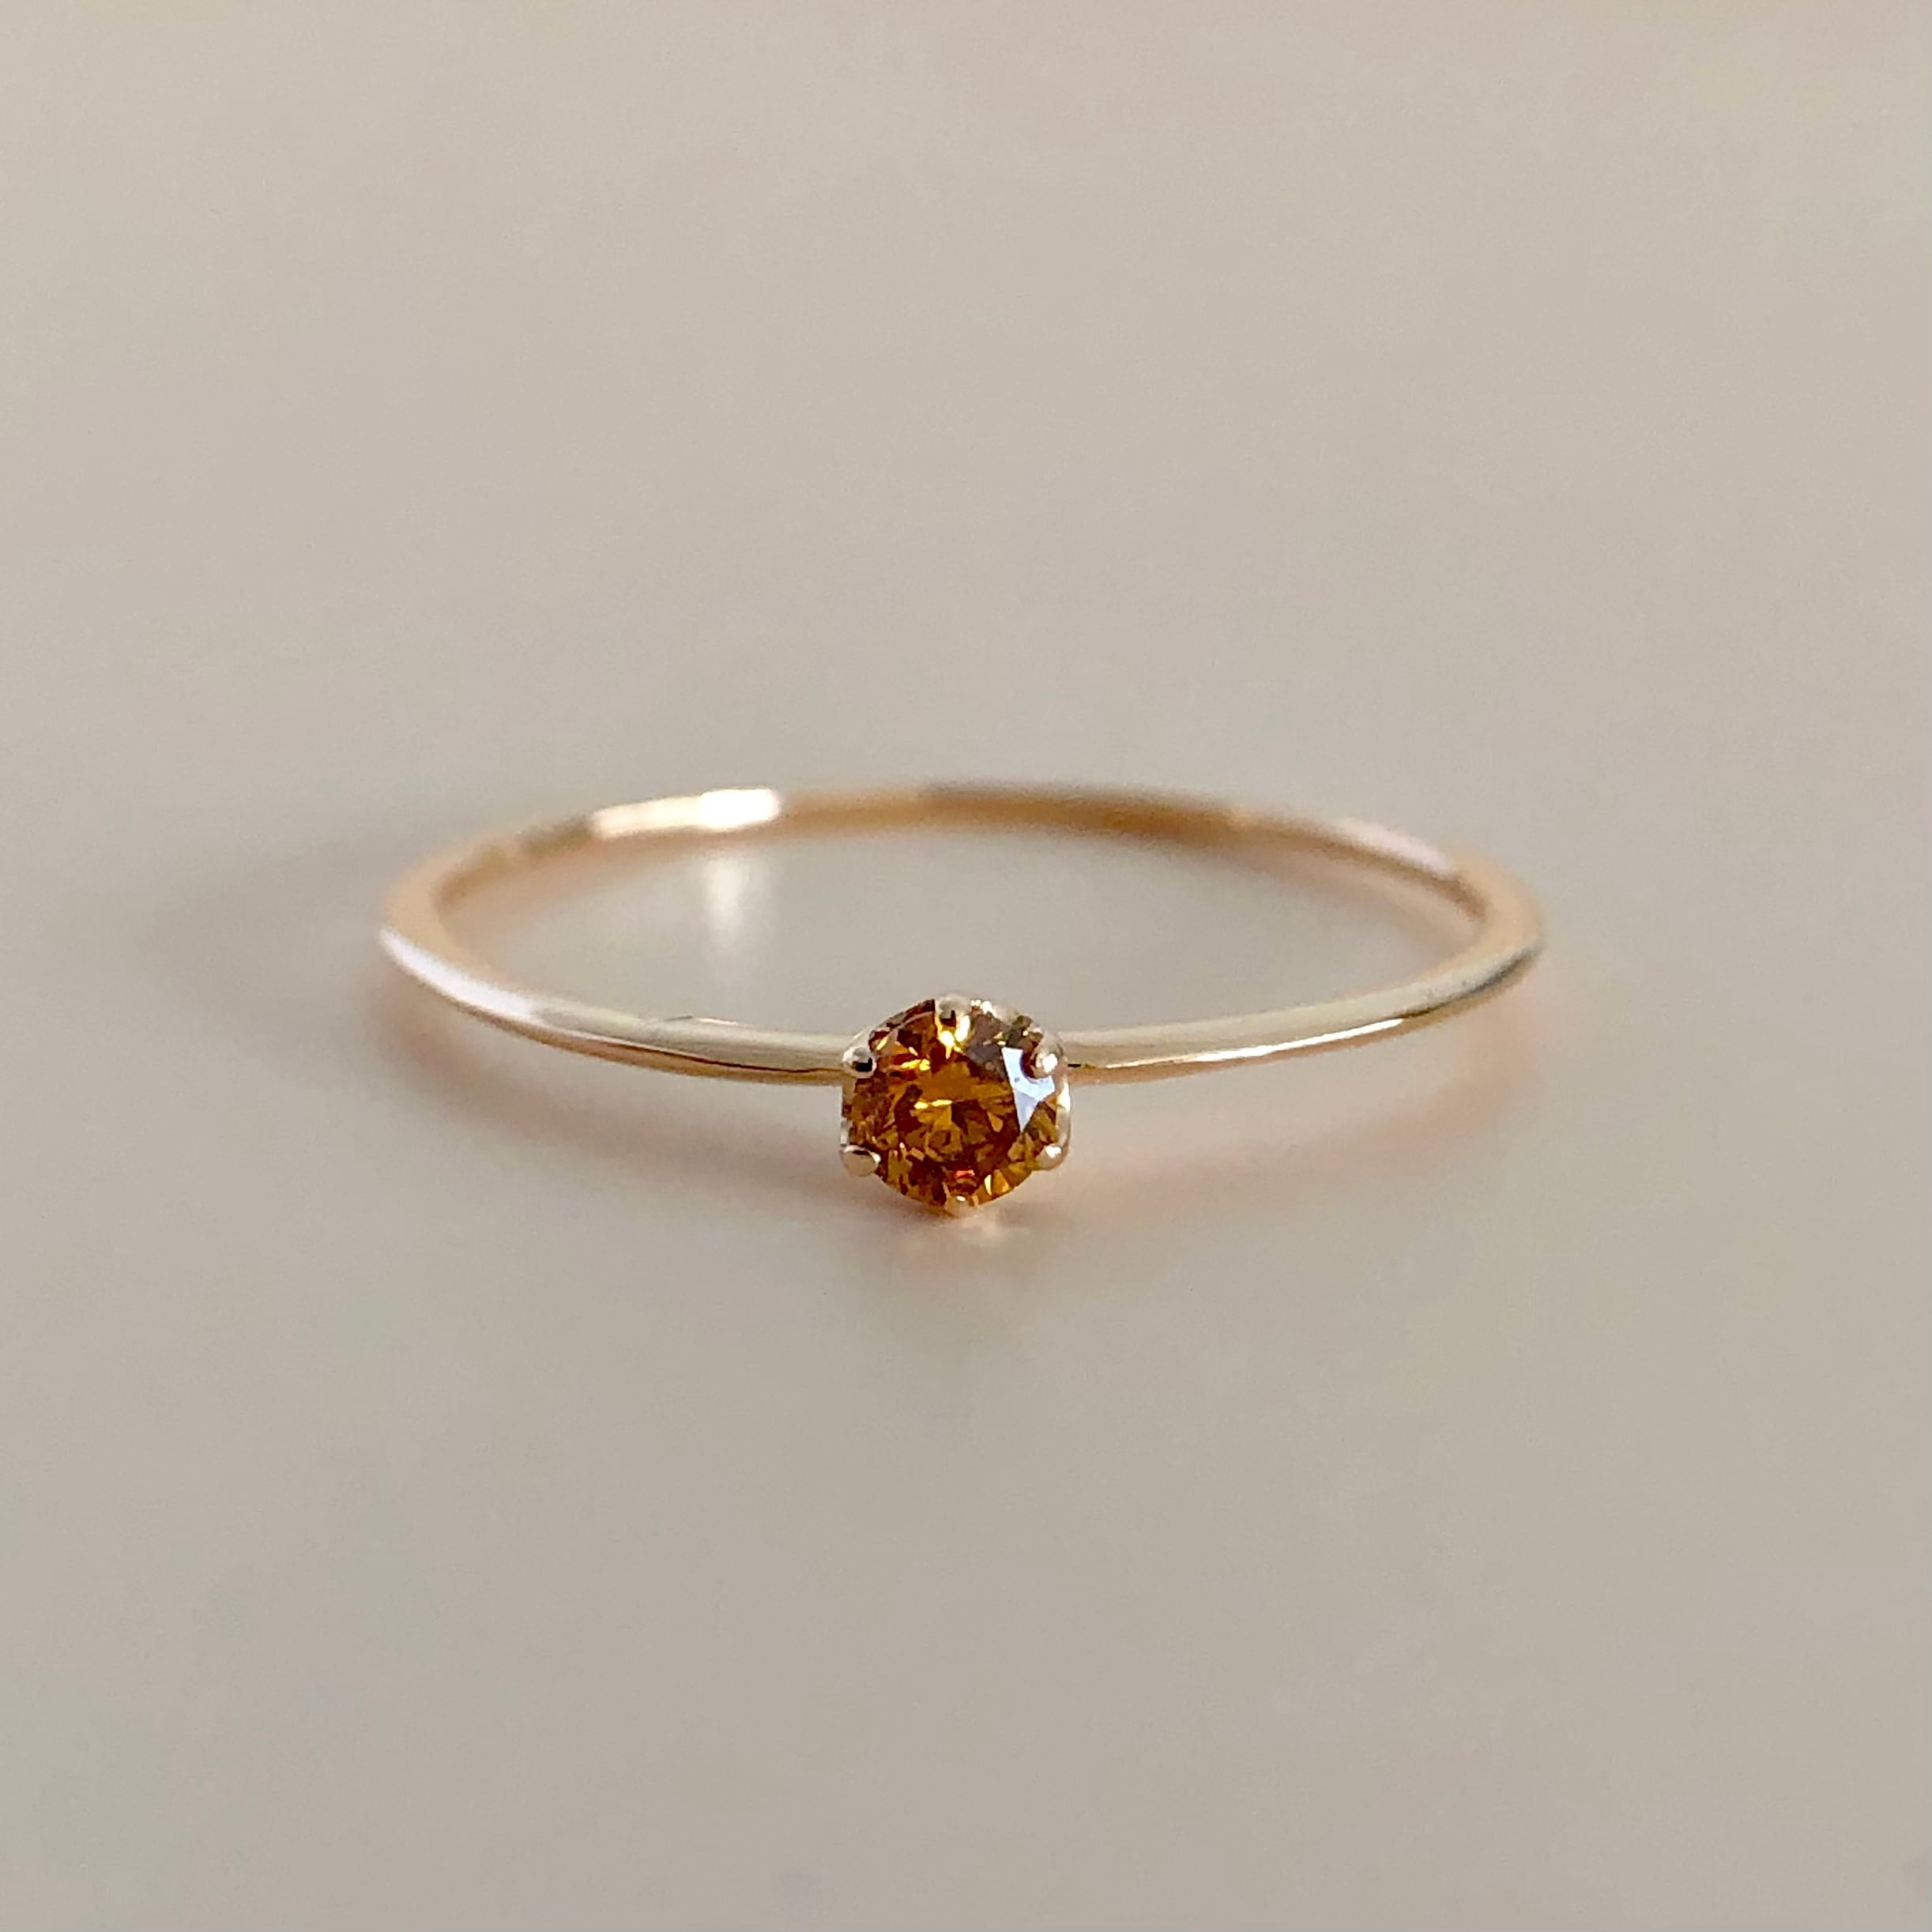 オレンジッシュブラウン ダイヤモンド ミルククラウン リング  0.07ct  K18ピンクゴールド チェカ 鑑別書